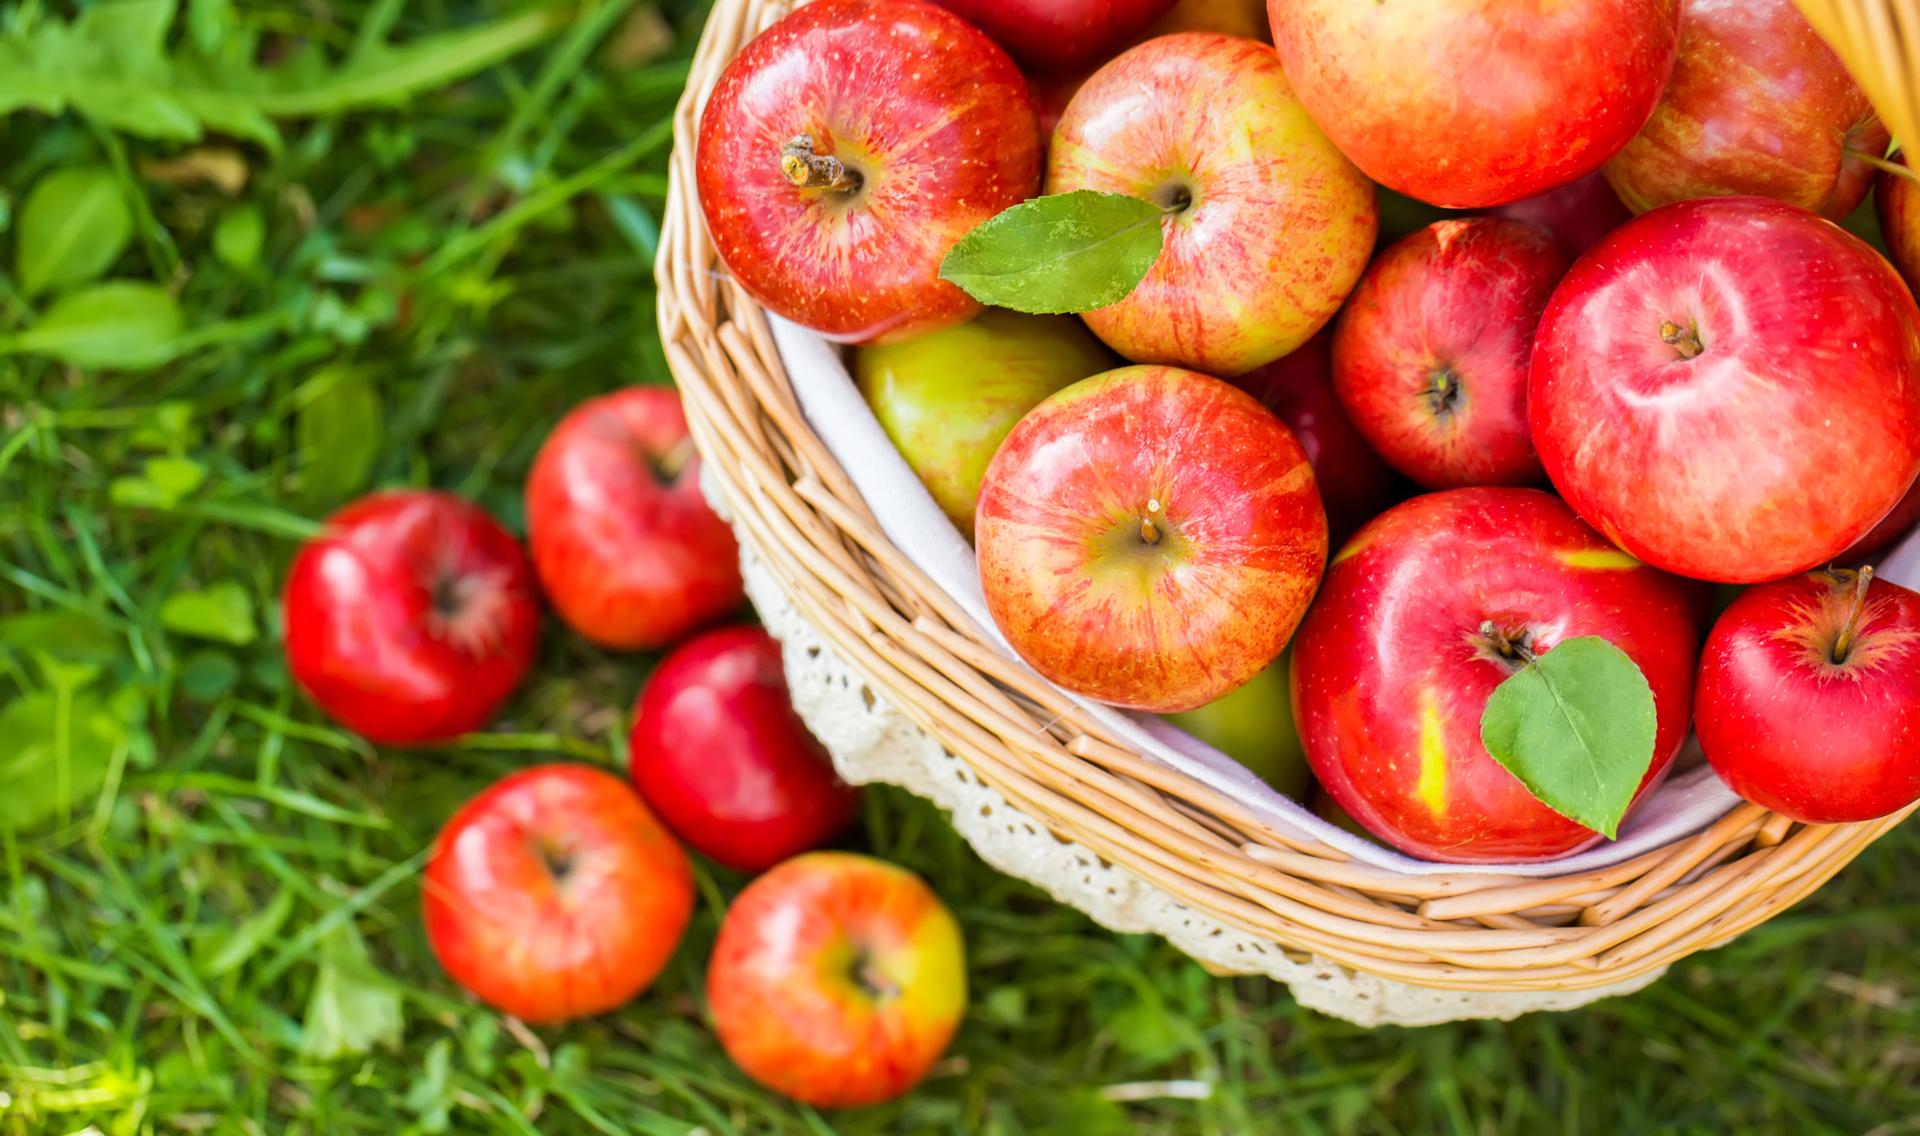 Yaş Meyve ve Sebze Alım Satımı